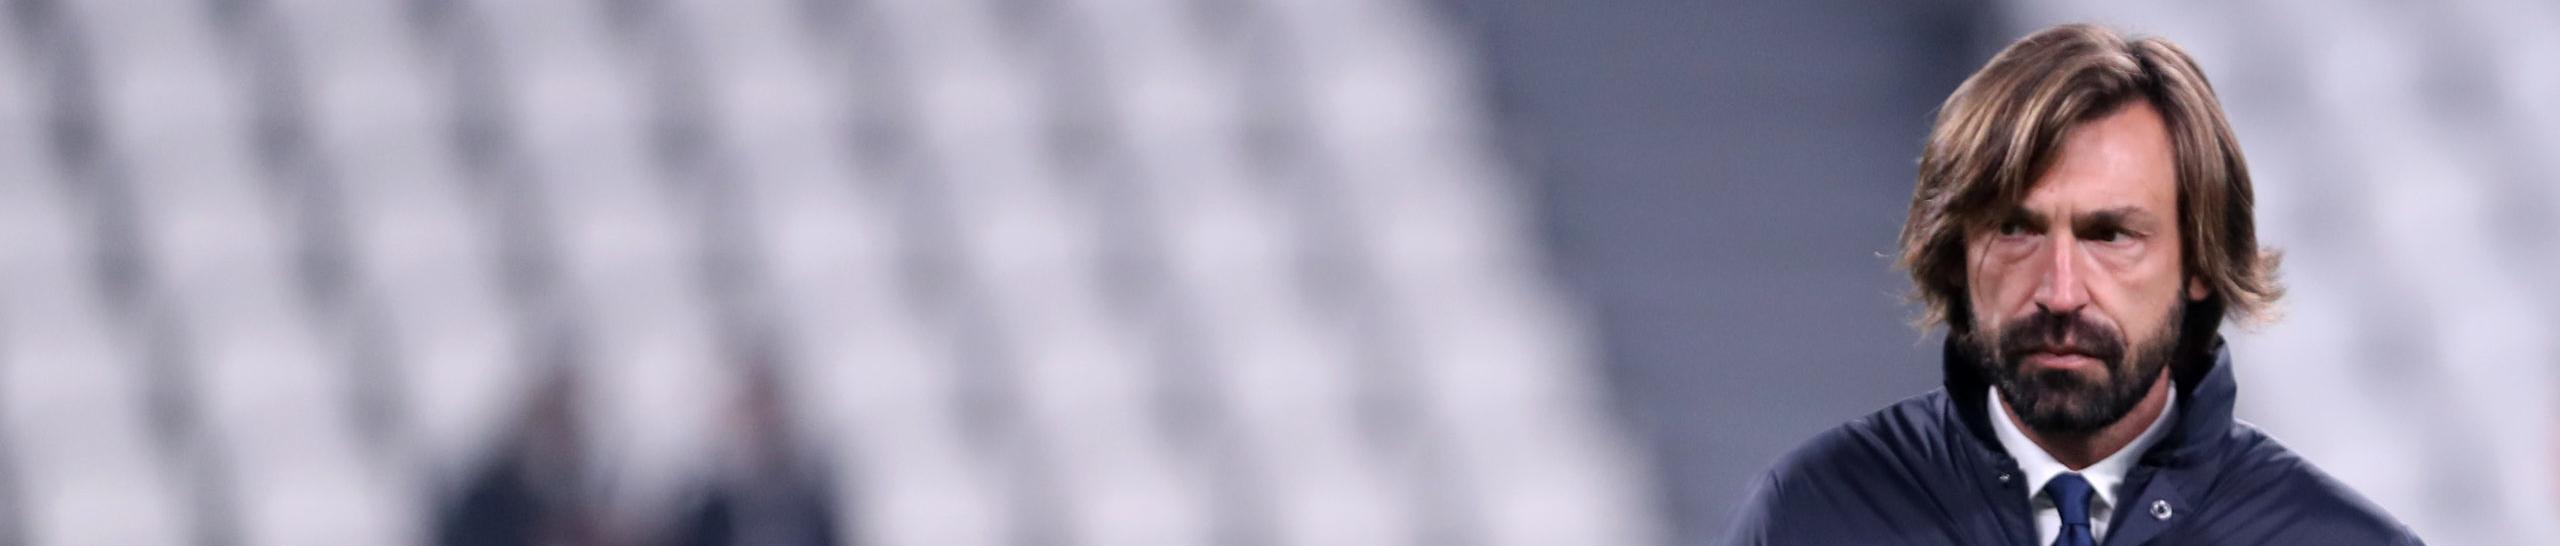 Juventus-Benevento, Pirlo cerca i tre punti per inseguire l'Inter